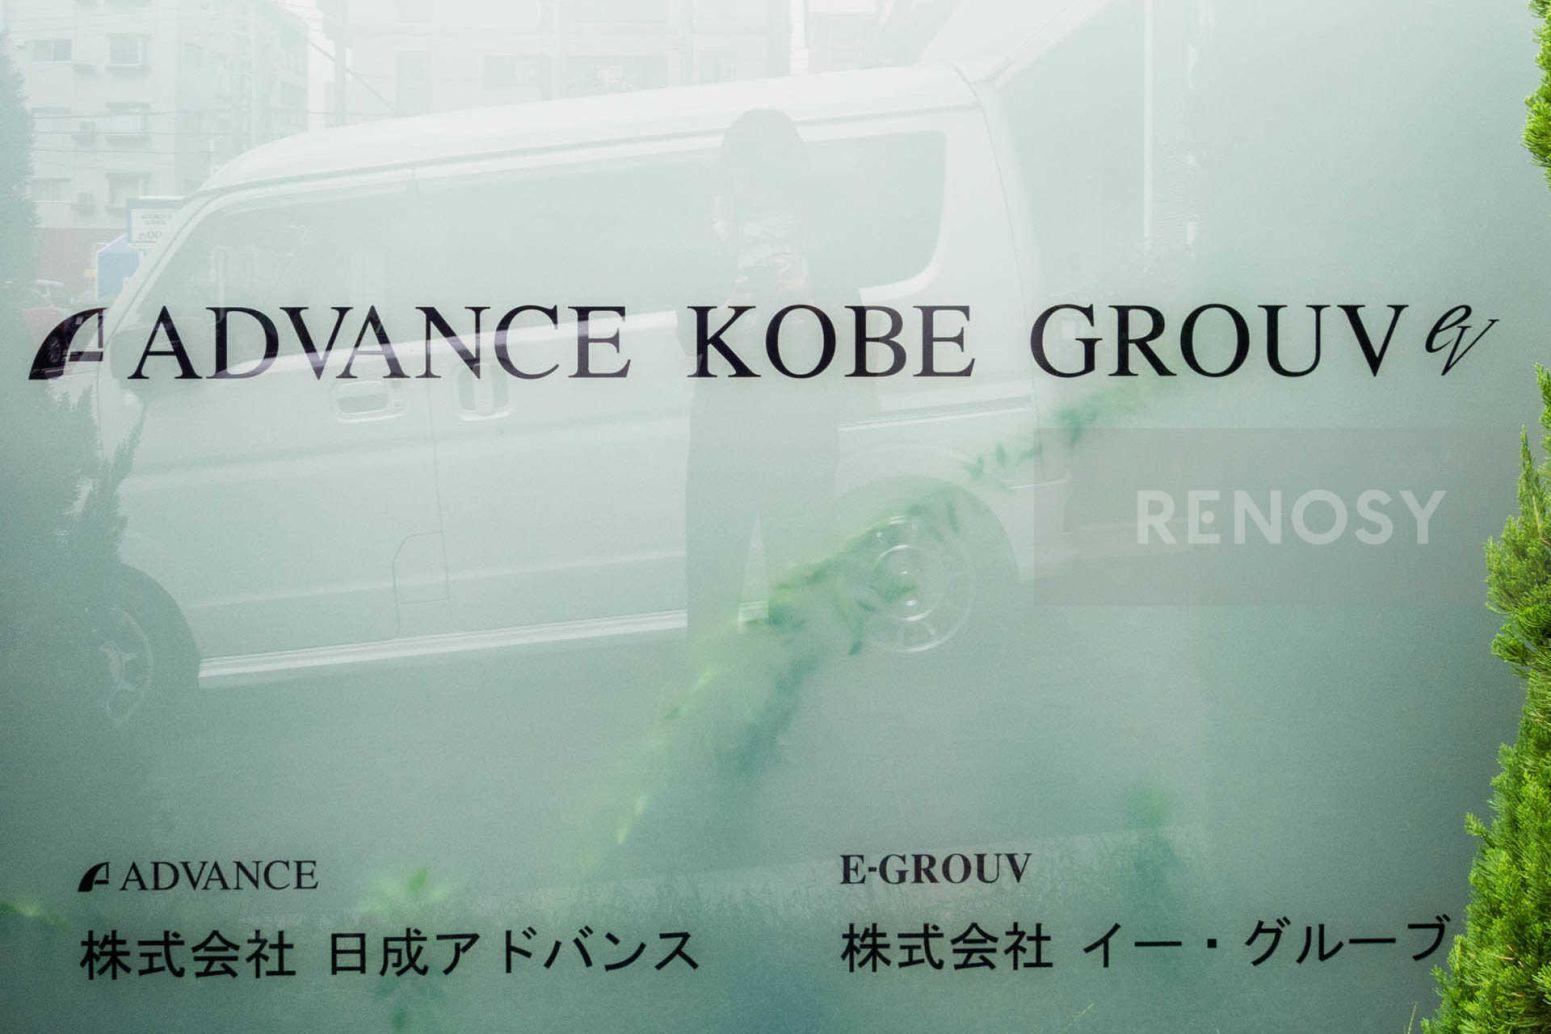 アドバンス神戸グルーブ